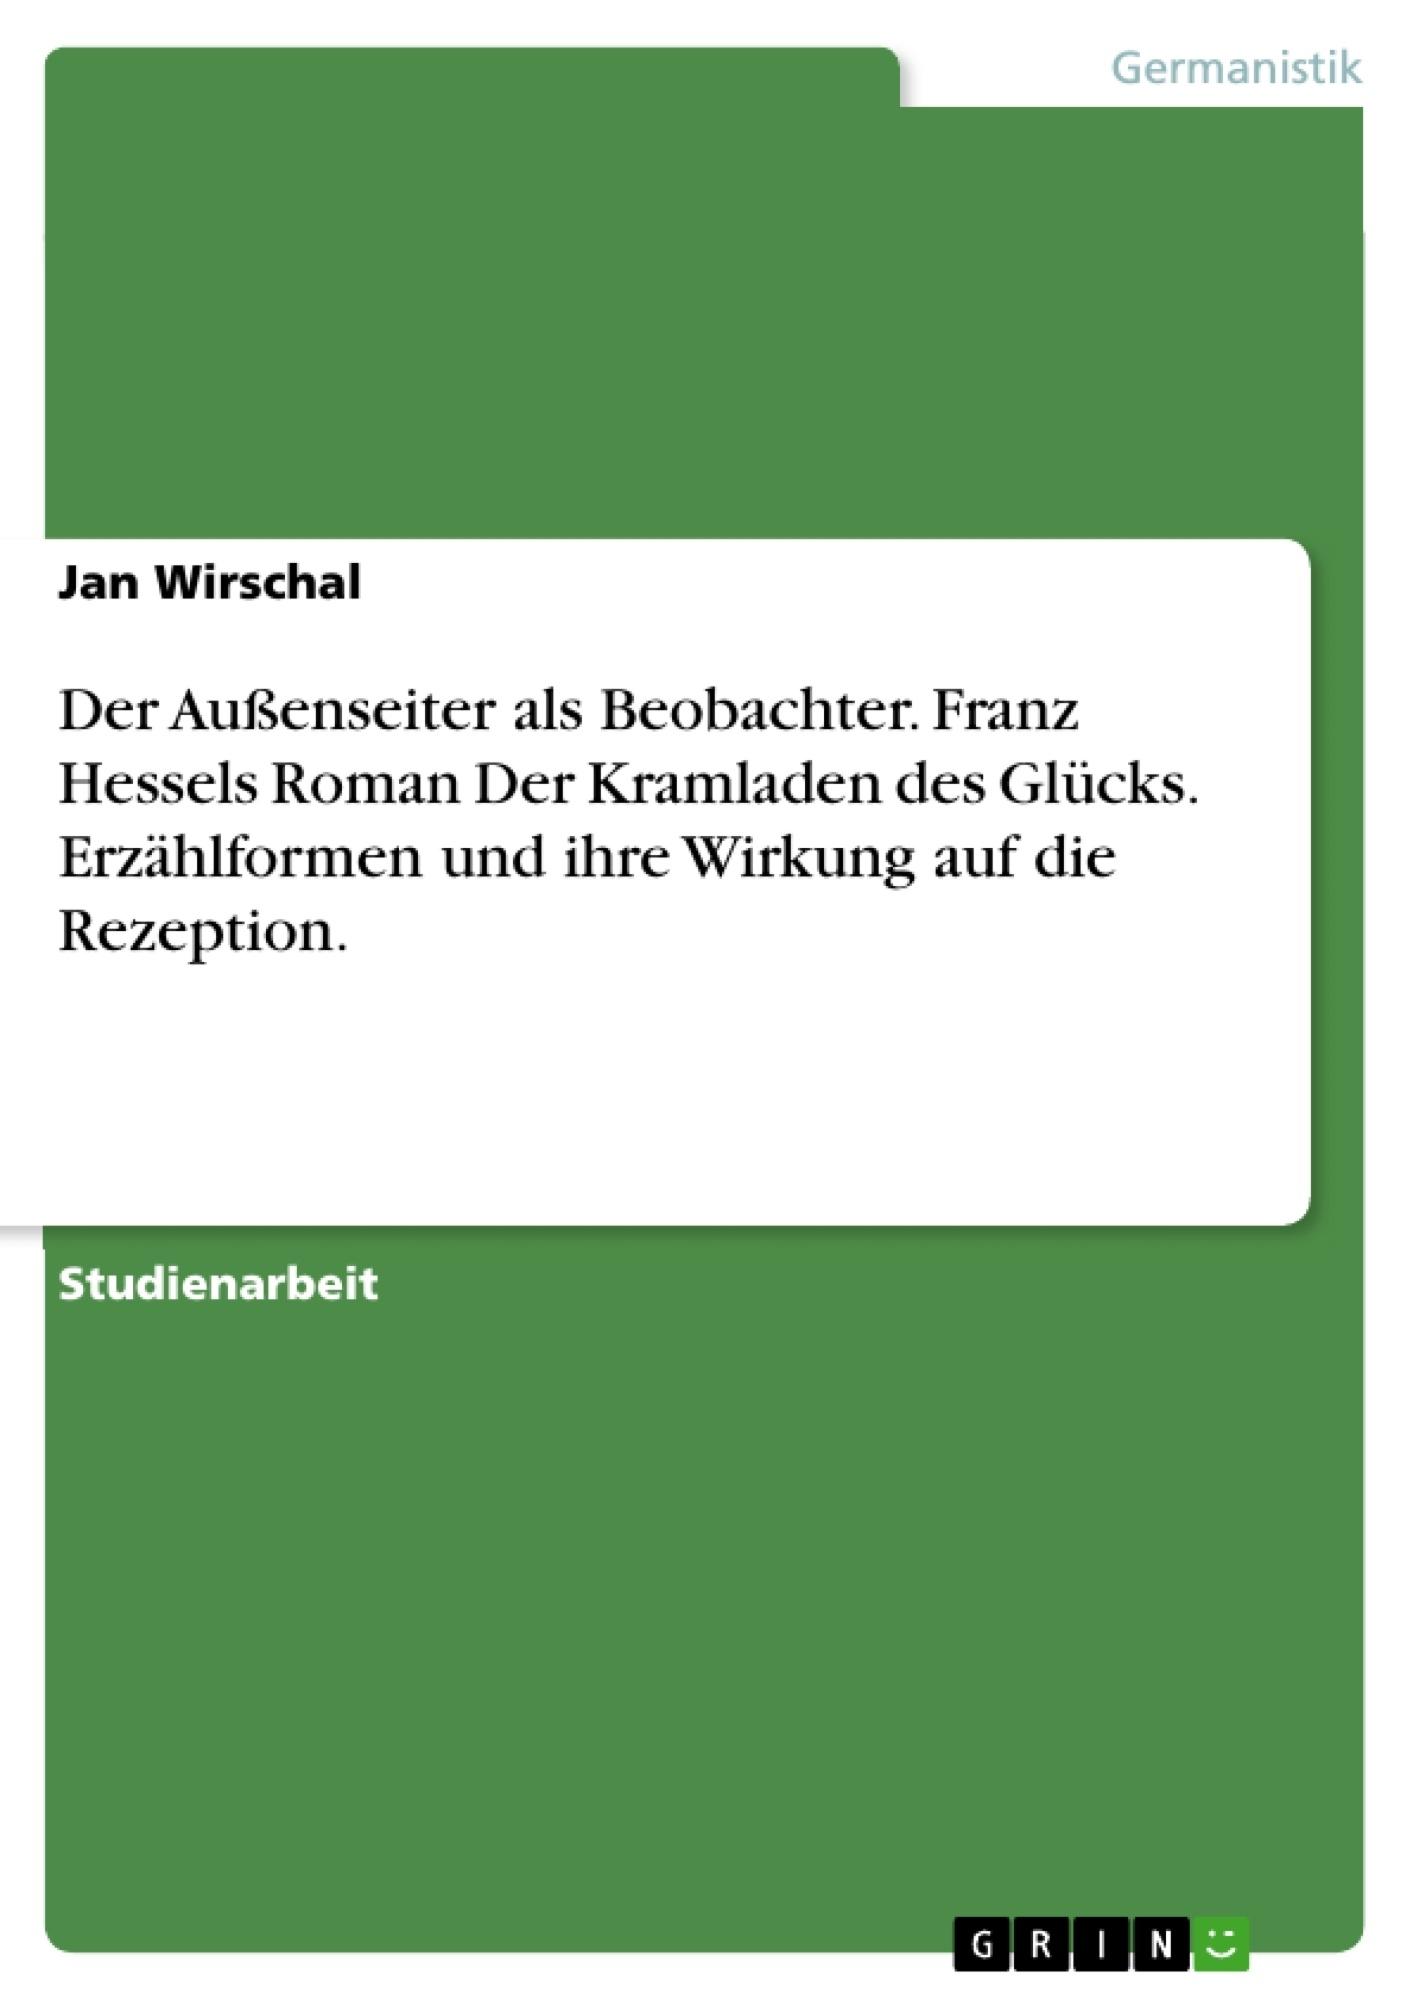 Titel: Der Außenseiter als Beobachter. Franz Hessels Roman Der Kramladen des Glücks. Erzählformen und ihre Wirkung auf die Rezeption.